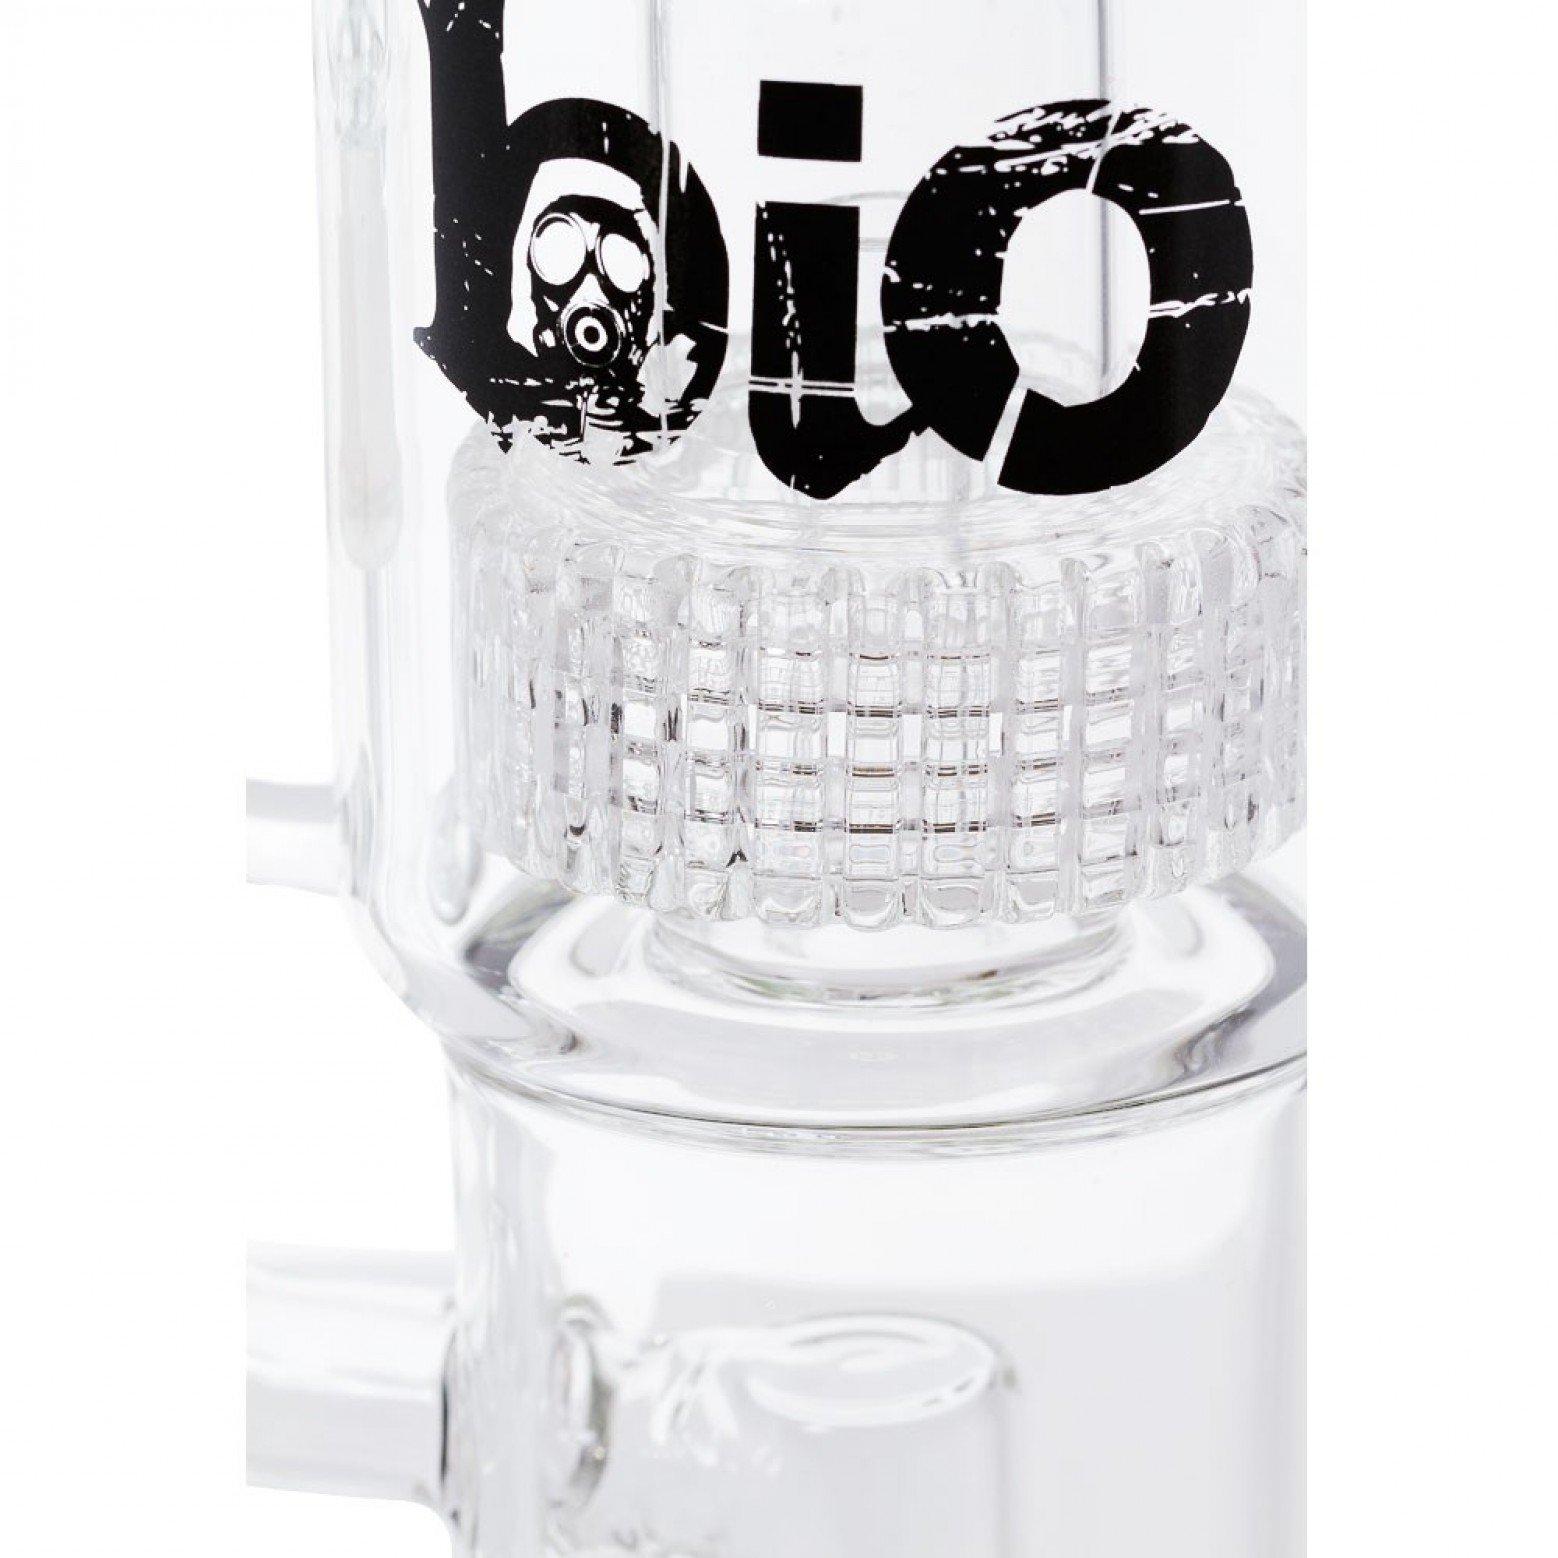 Bongo szklane BIO Hazard 30 cm